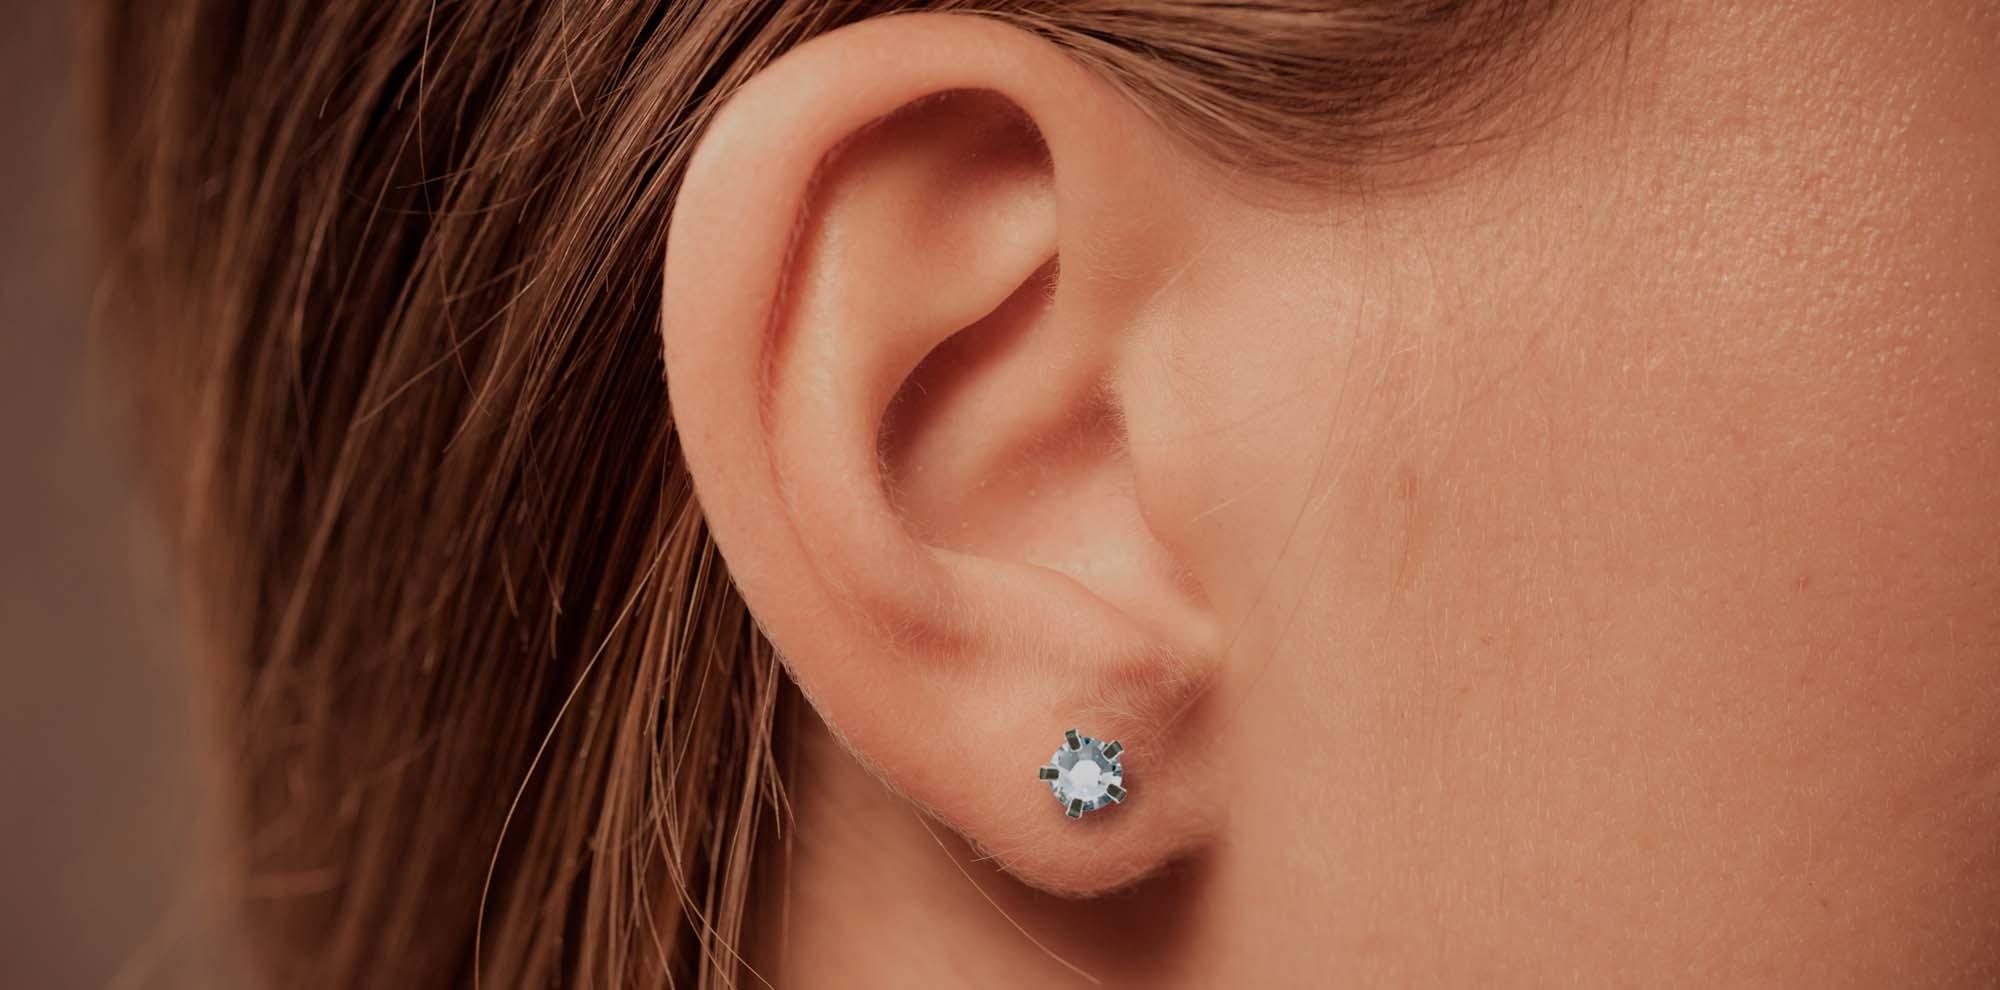 Skötselråd - hål i öronen